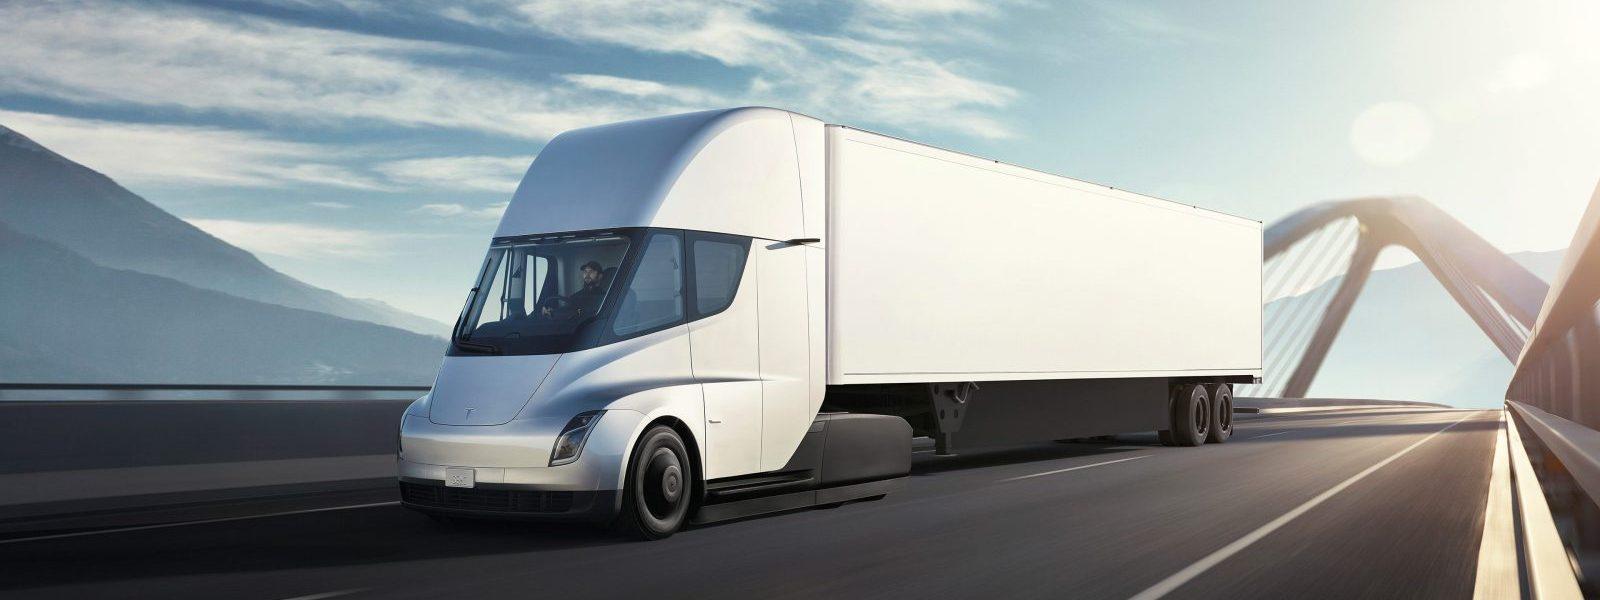 UPS compra 125 Semi de Tesla